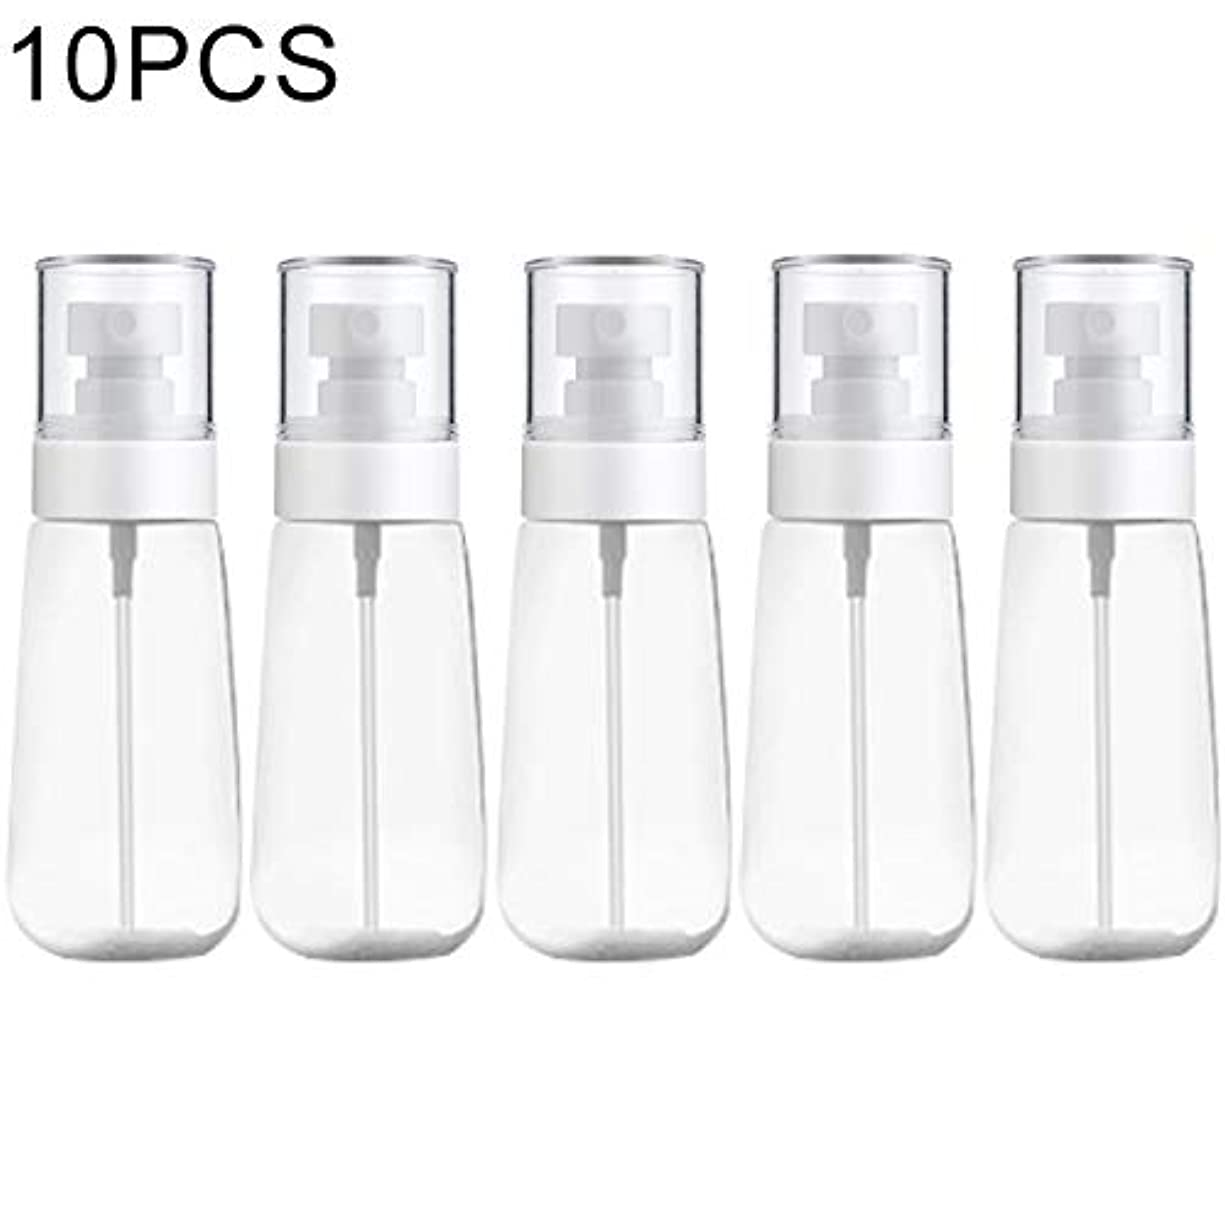 完了ピッチャーどういたしましてMEI1JIA QUELLIA 10 PCSポータブル詰め替えプラスチックファインミスト香水スプレーボトル透明な空のスプレースプレーボトル、80ミリリットル(透明) (色 : Transparent)